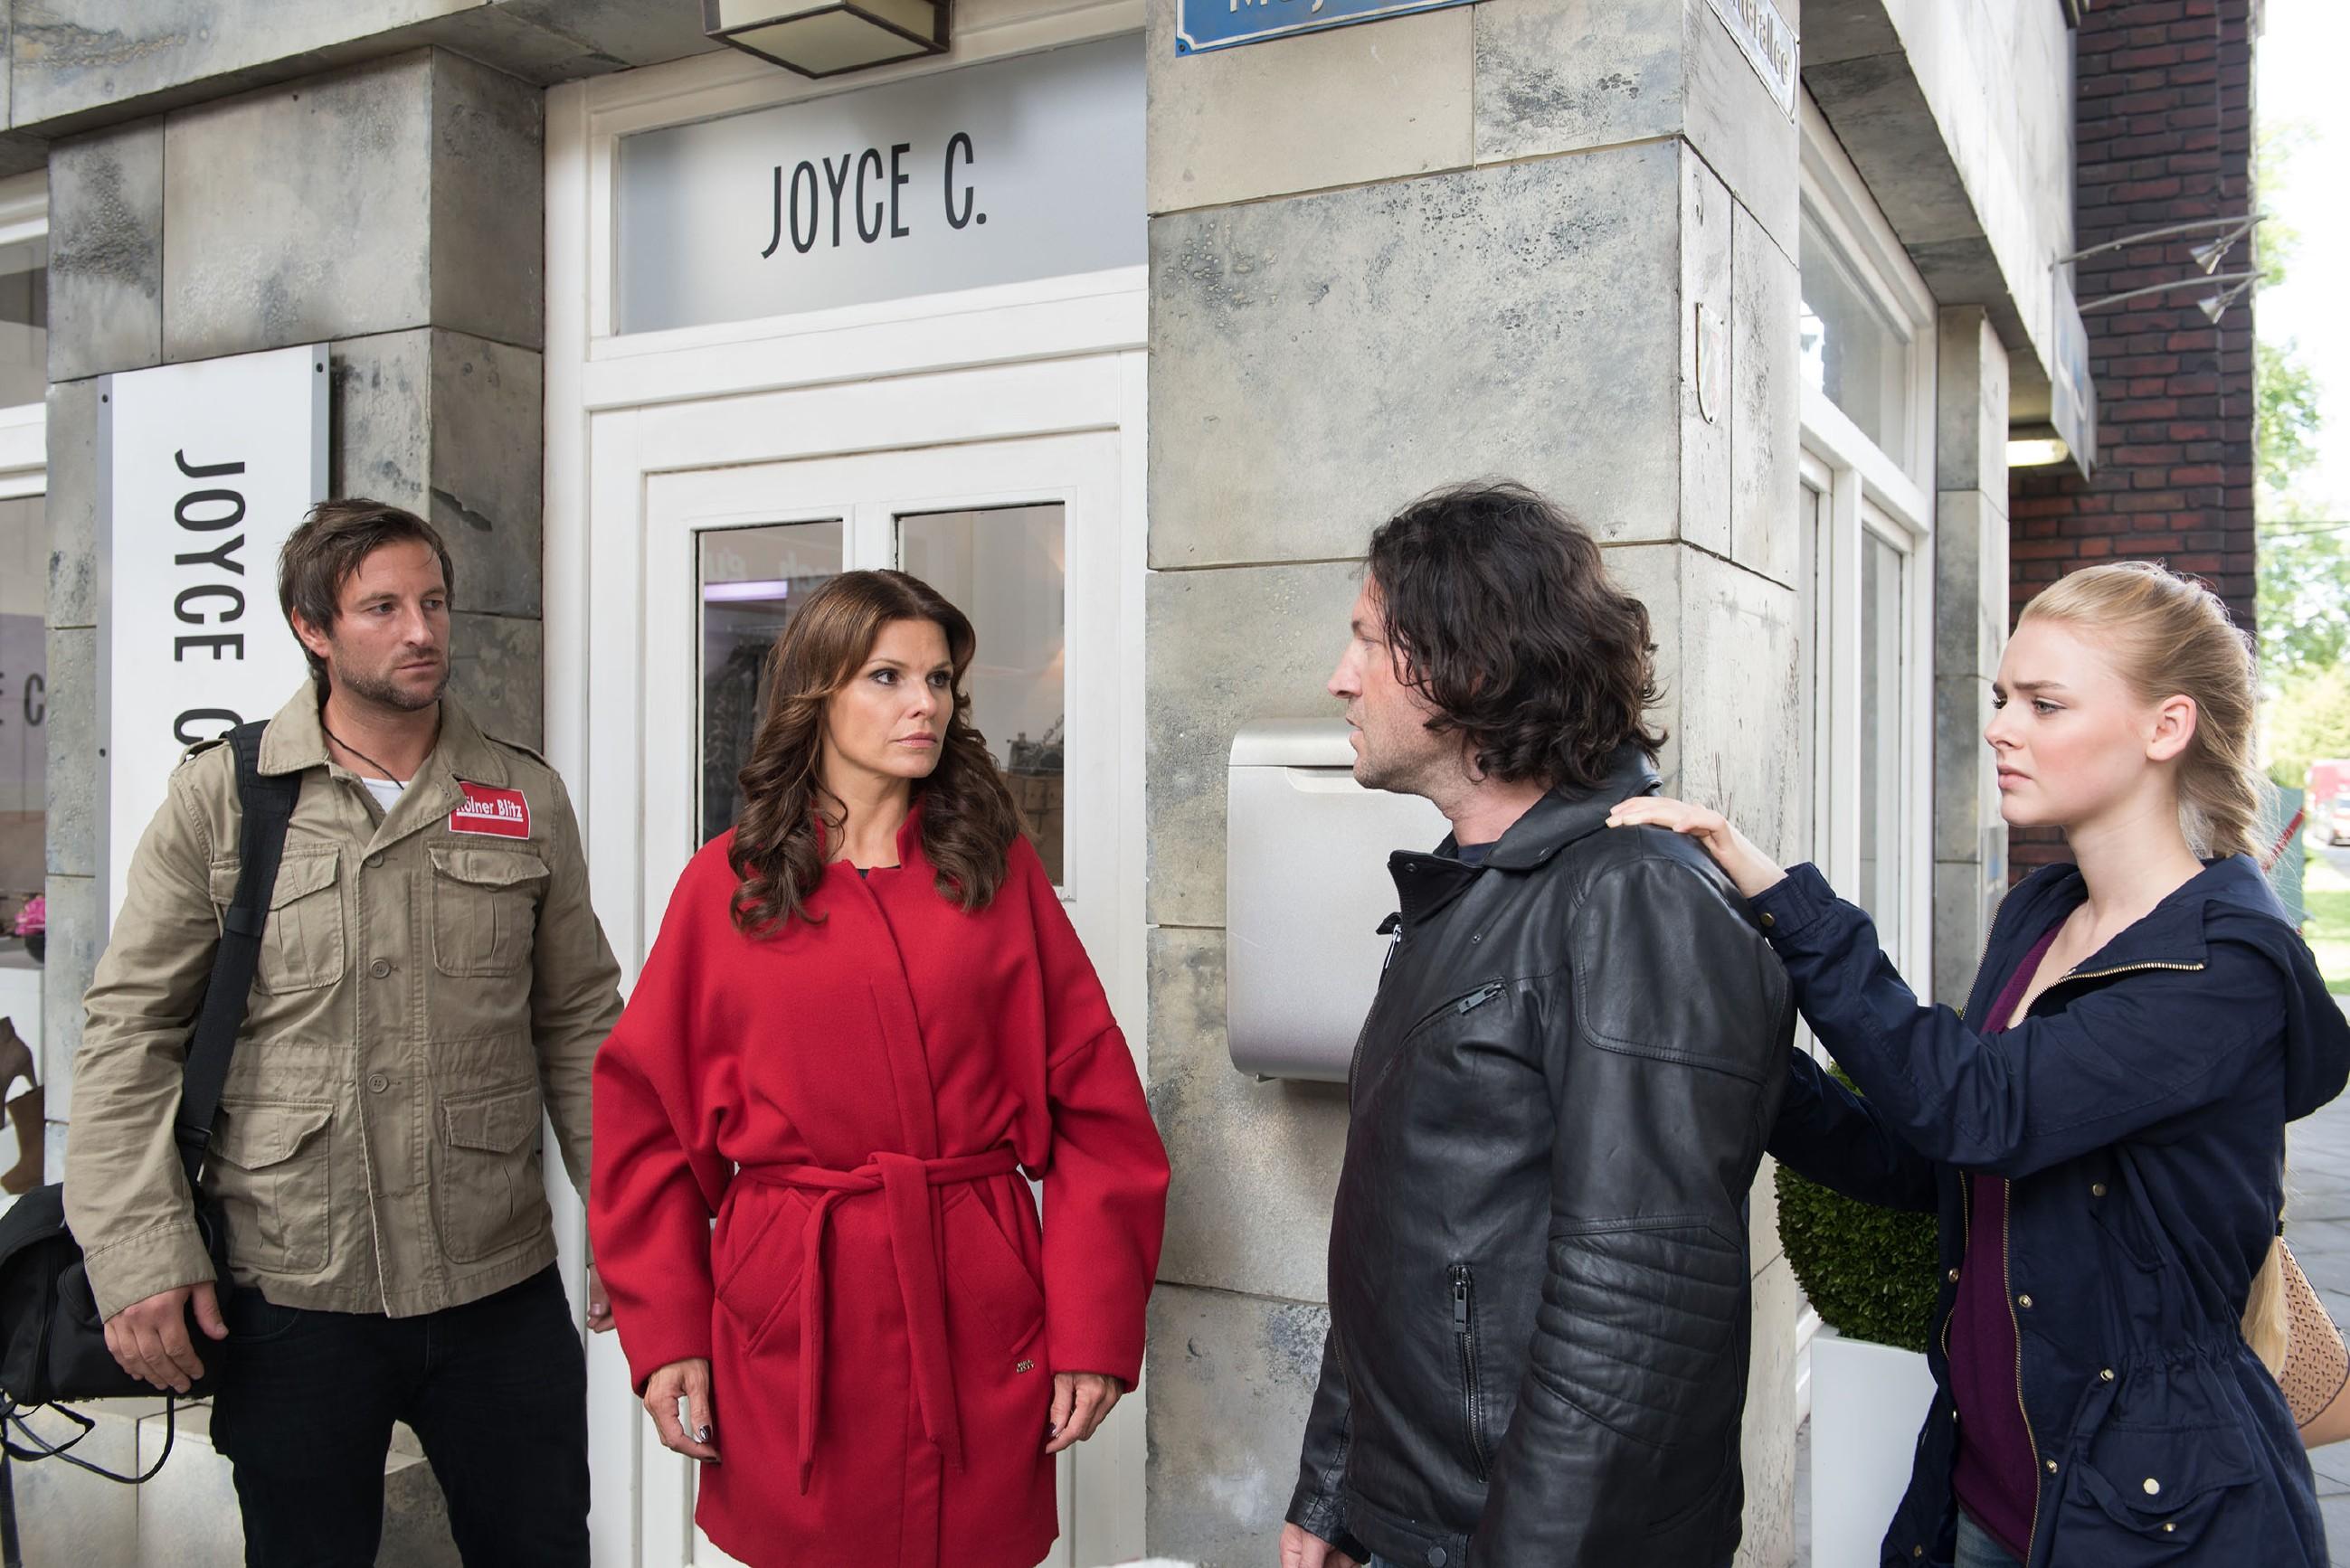 Fiona (Olivia Burkhart, r.) versucht Rolf (Stefan Franz, r.) zu beruhigen, als Britta (Tabea Heynig) mit einem Journalisten (Komparse) auftaucht, um auf Rolfs fragwürdige Freilassung aufmerksam zu machen. (Quelle: RTL / Stefan Behrens)